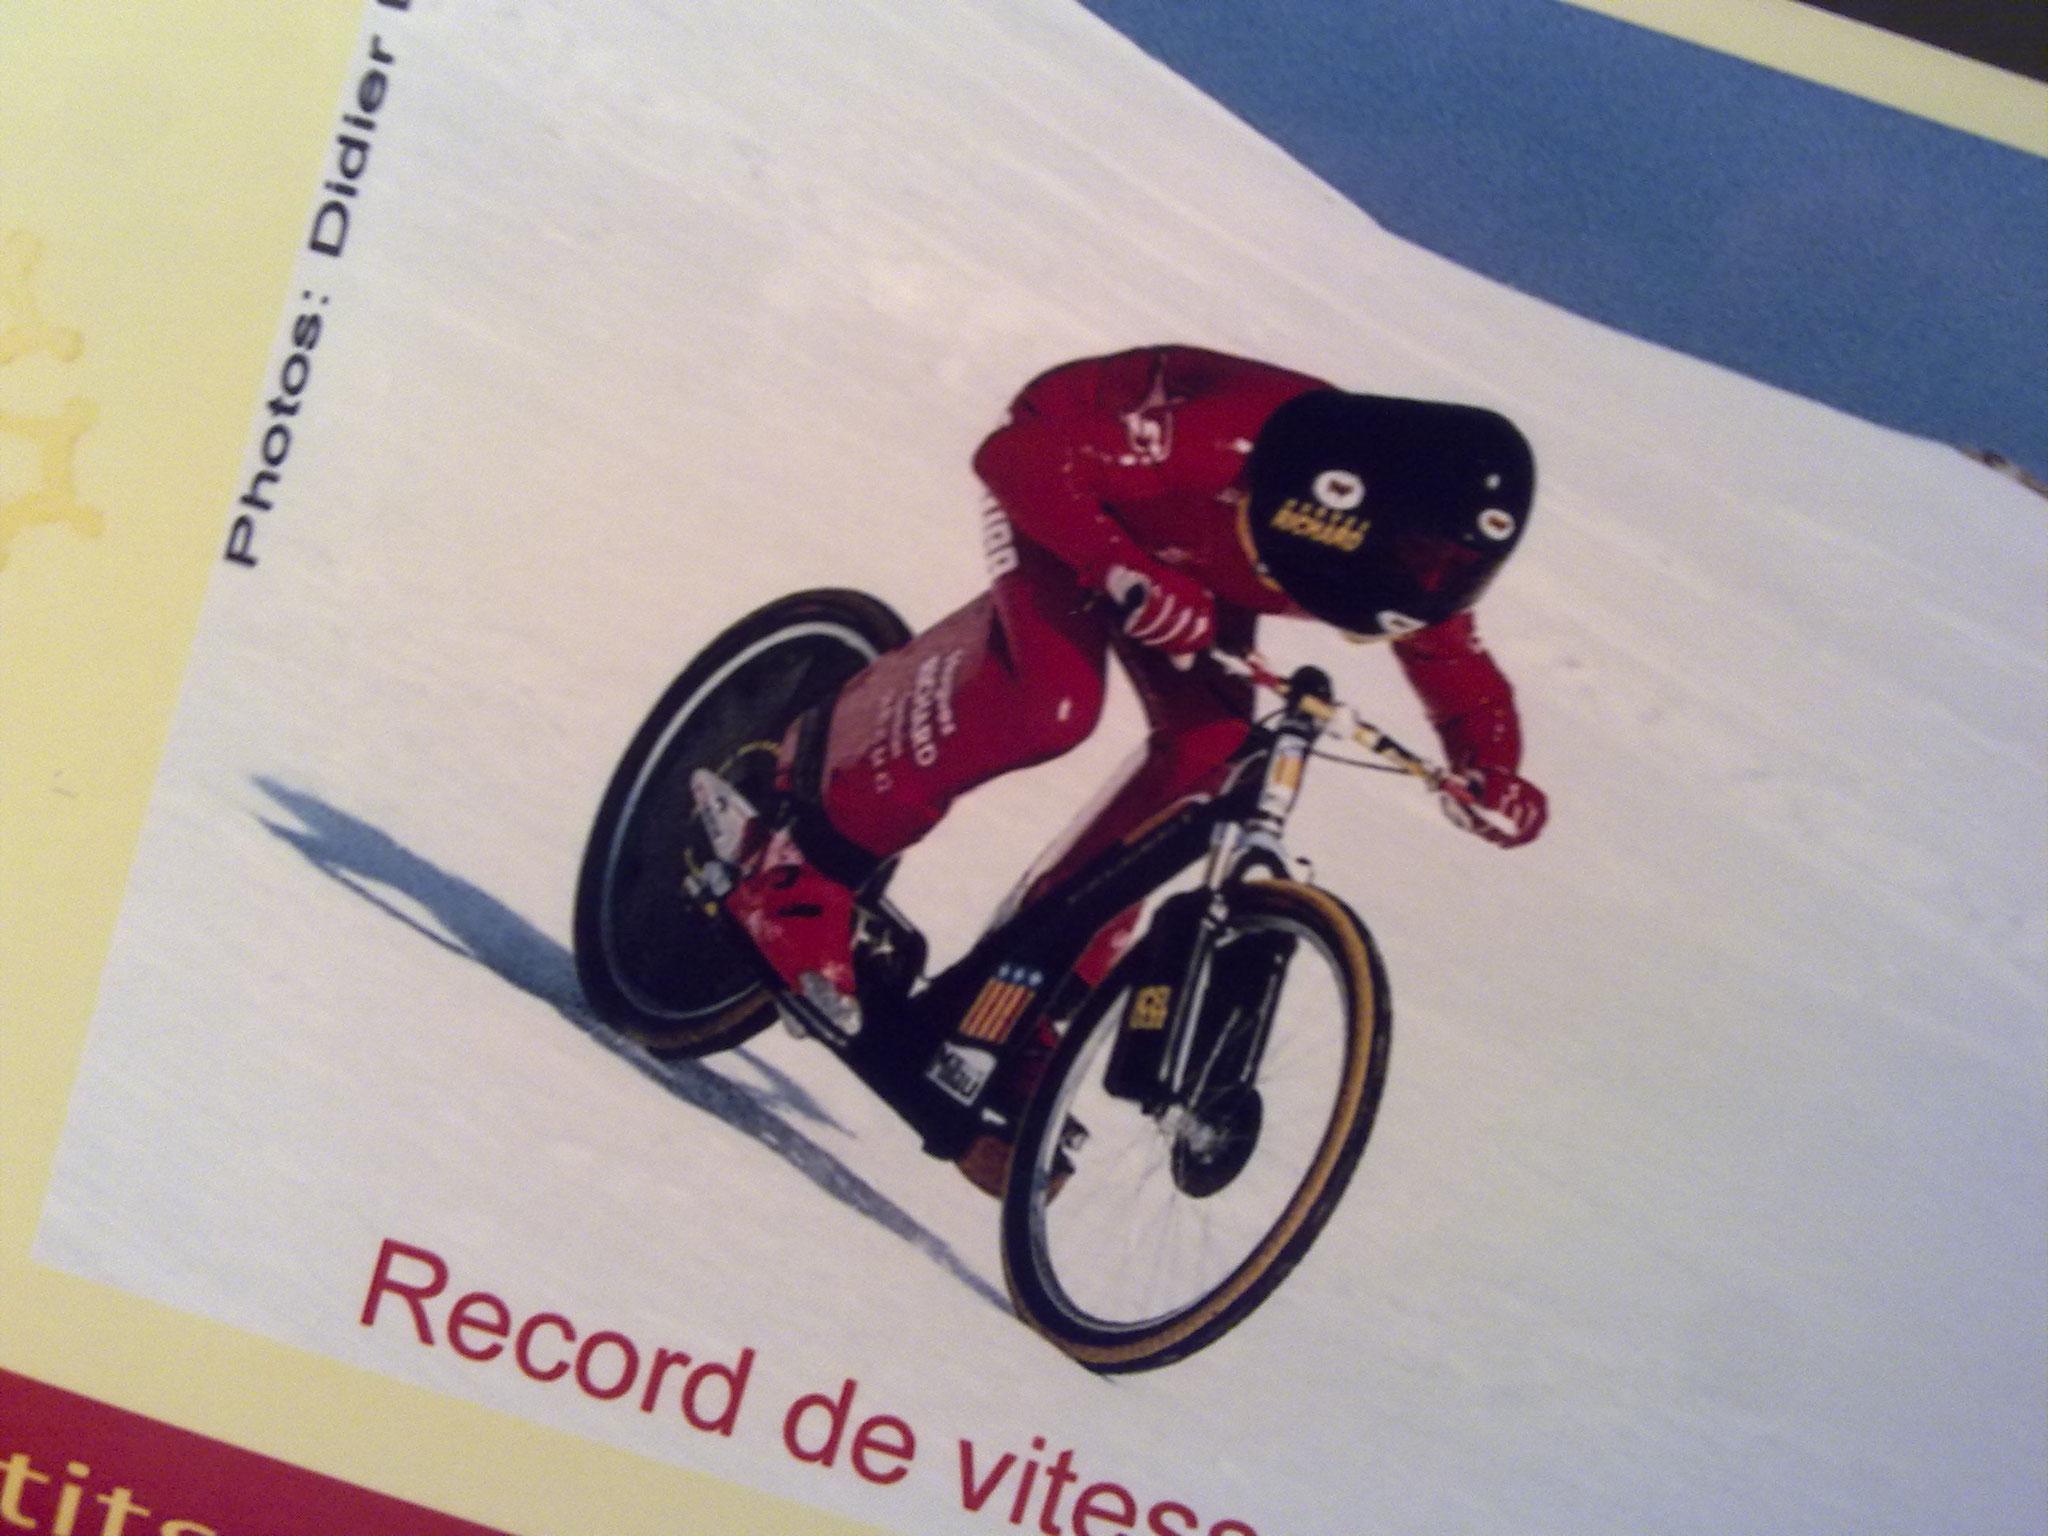 Vars, championnat du monde de vitesse en vélo (3ème)